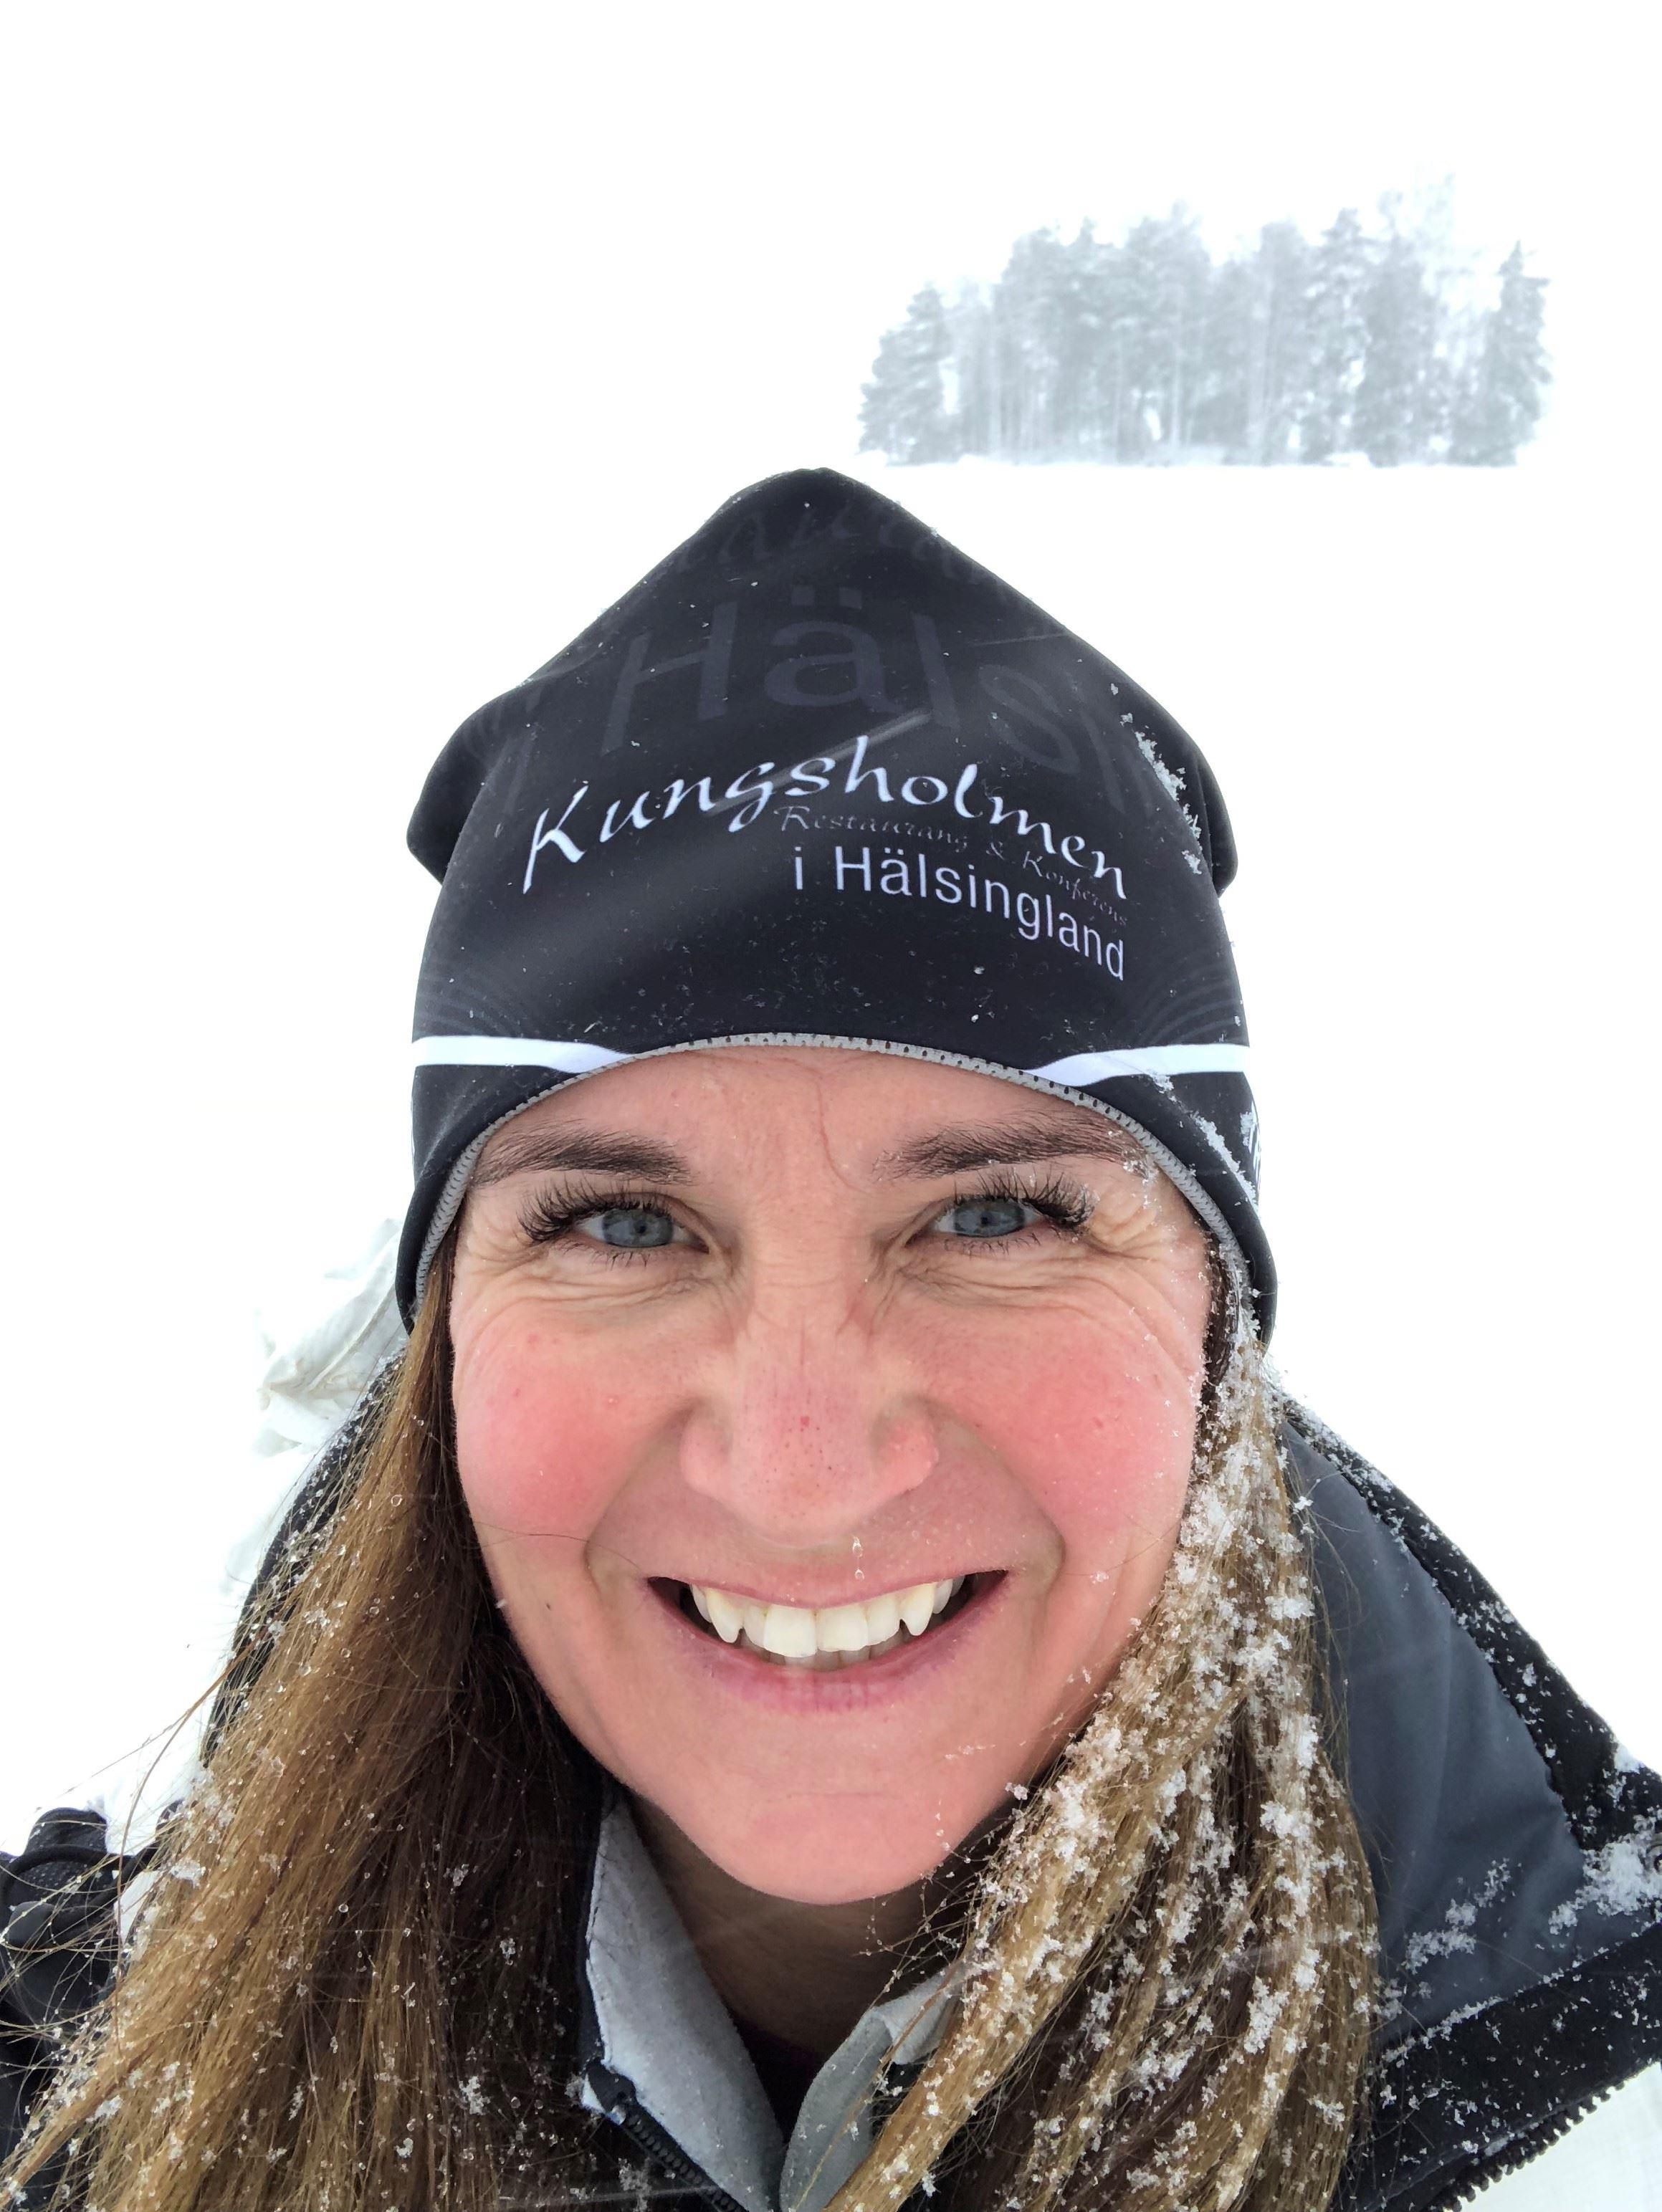 Kungsholmen Skidpaket Erik och Billan Hälsingland skidor weekend